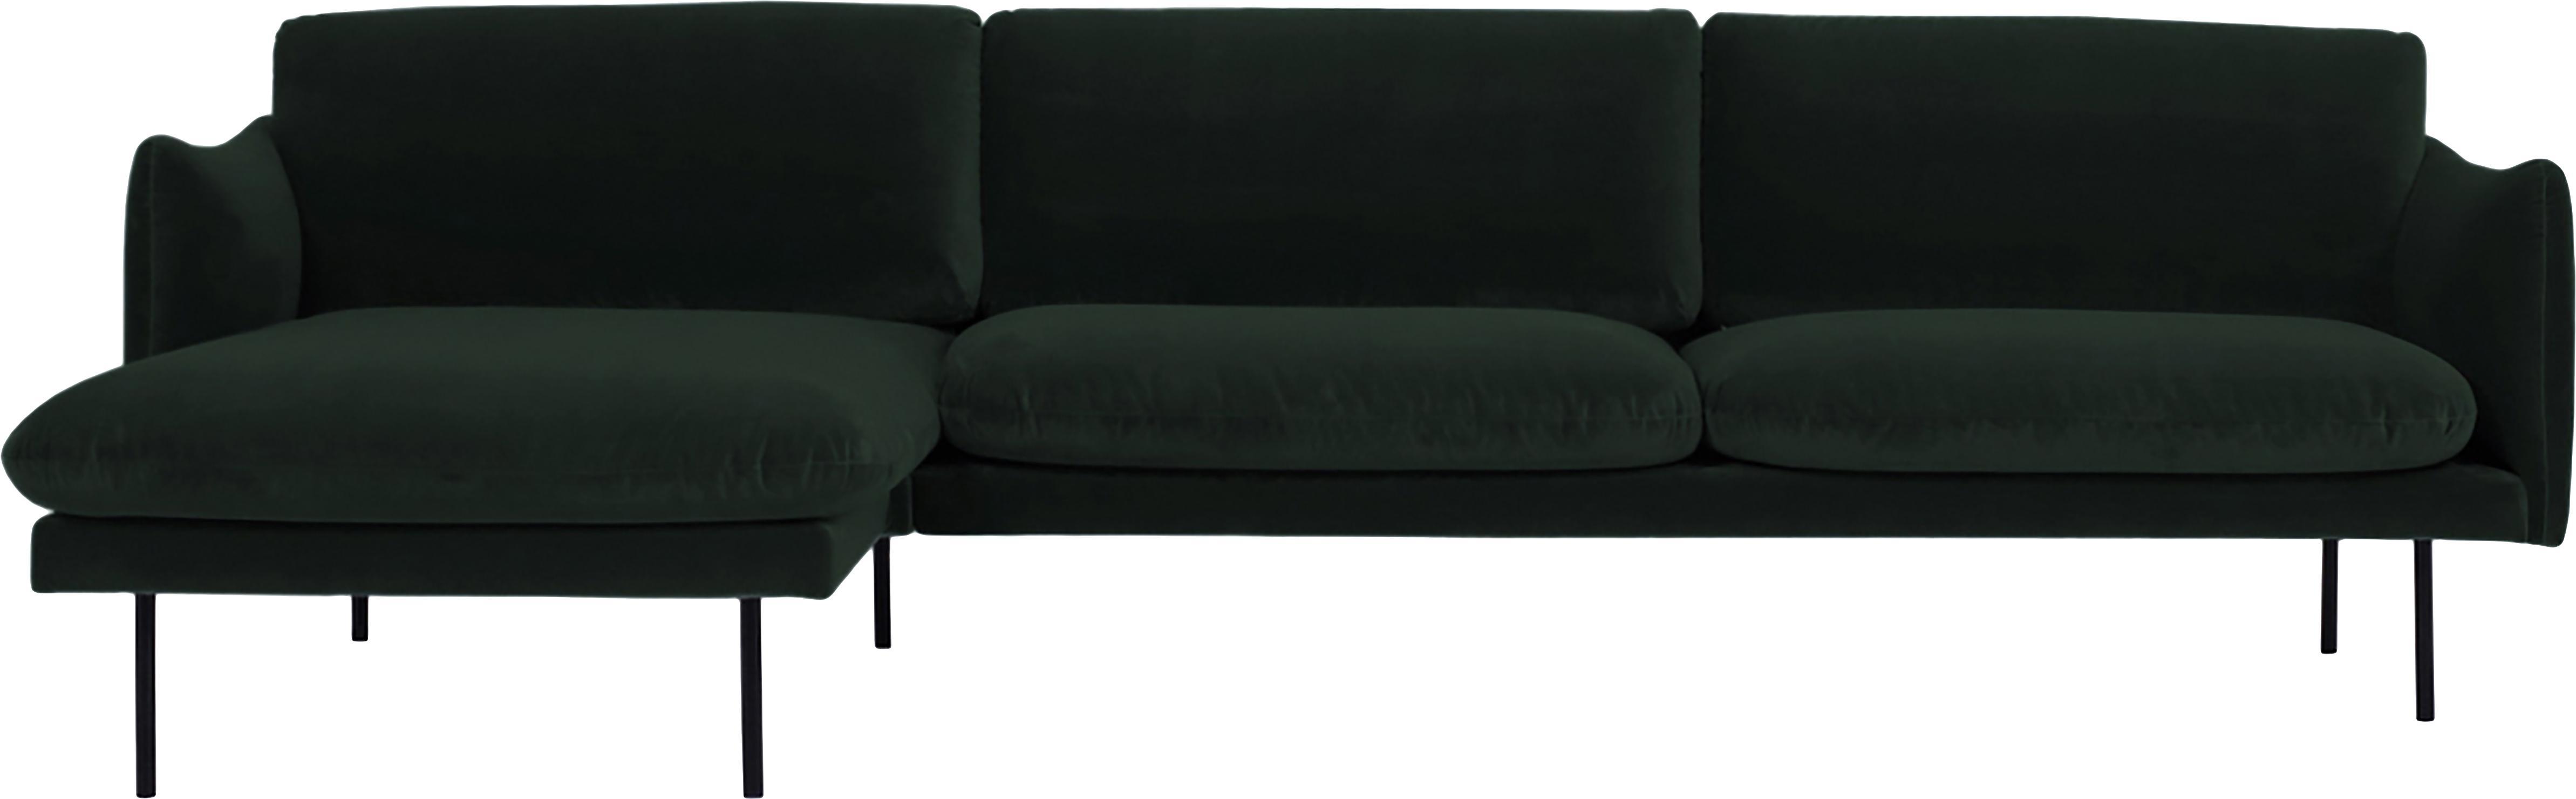 Sofa narożna z aksamitu Moby, Tapicerka: aksamit (wysokiej jakości, Stelaż: lite drewno sosnowe, Nogi: metal malowany proszkowo, Ciemnyzielony, S 280 x G 160 cm